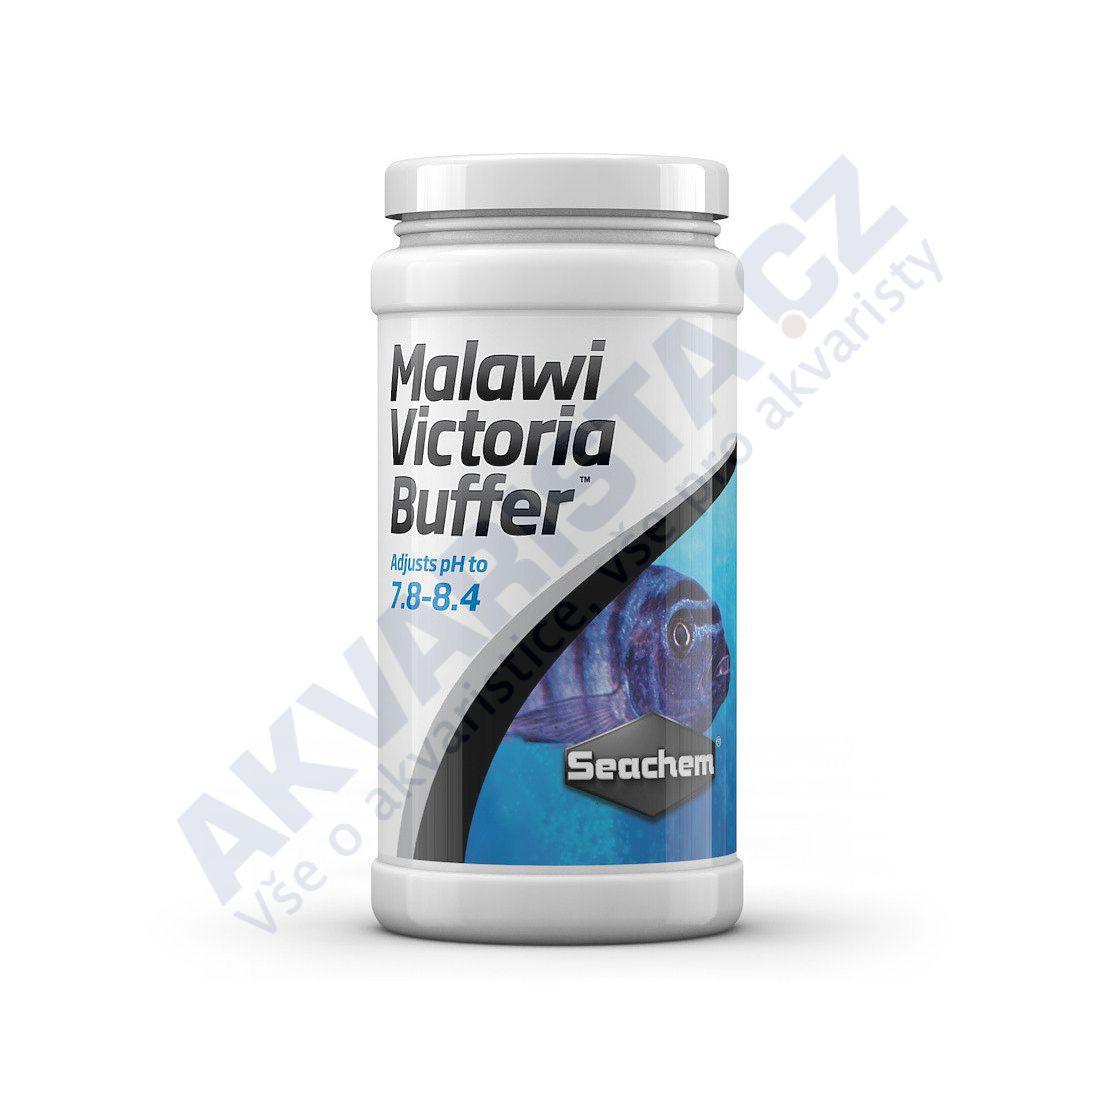 Seachem Malawi Victoria Buffer 600g